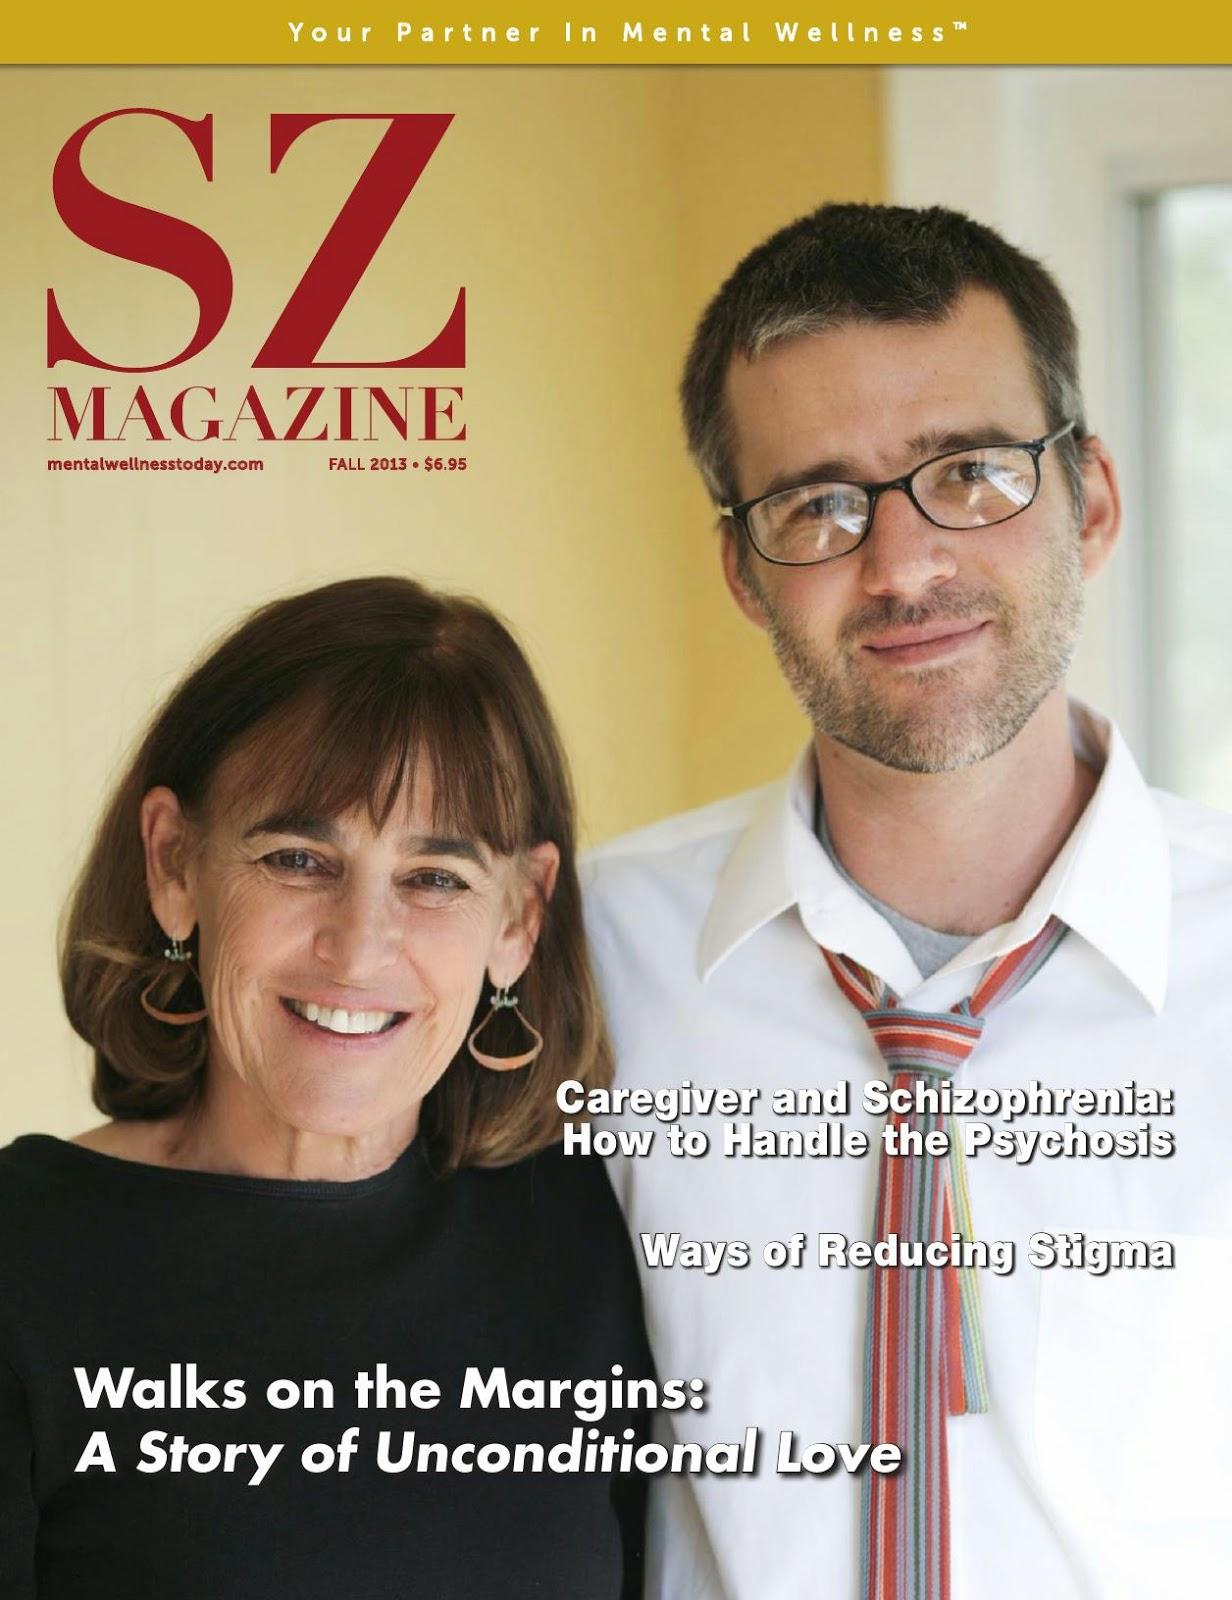 http://www.szmagazine.com/index.php/sz-magazine-menu/sz-magazine